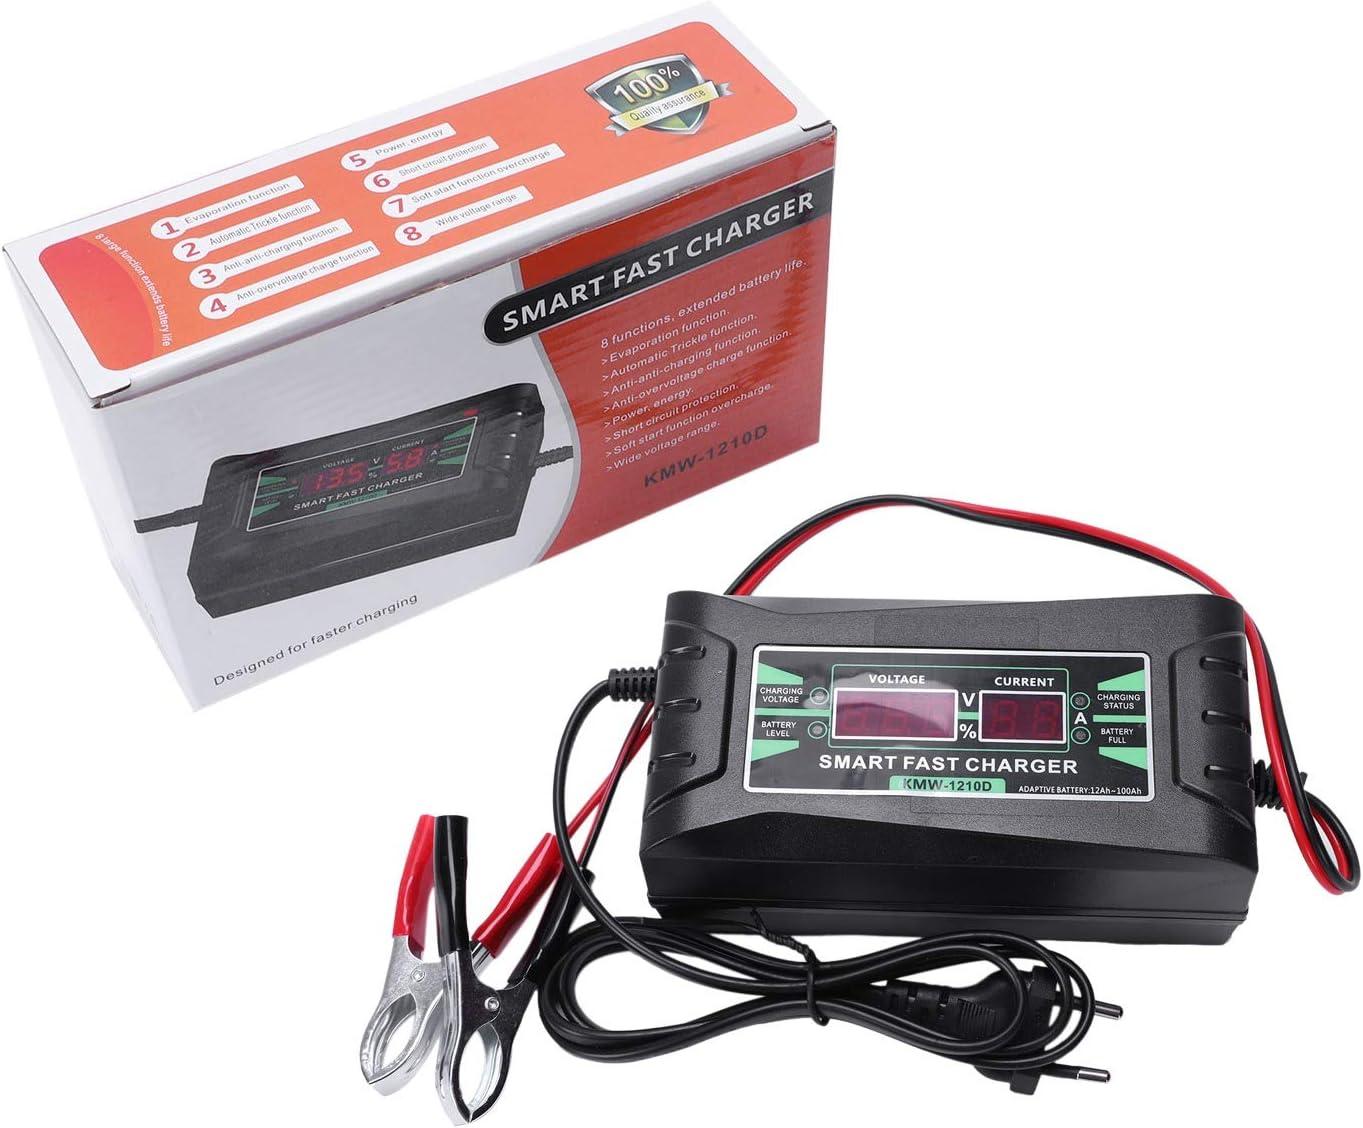 SODIAL Chargeur De Batterie De Voiture De Prise DUe 12V 6A 10A Plein Intelligent Automatique Automatique Puissance Rapide Intelligente Charge pour Sec Humide Affichage LCD